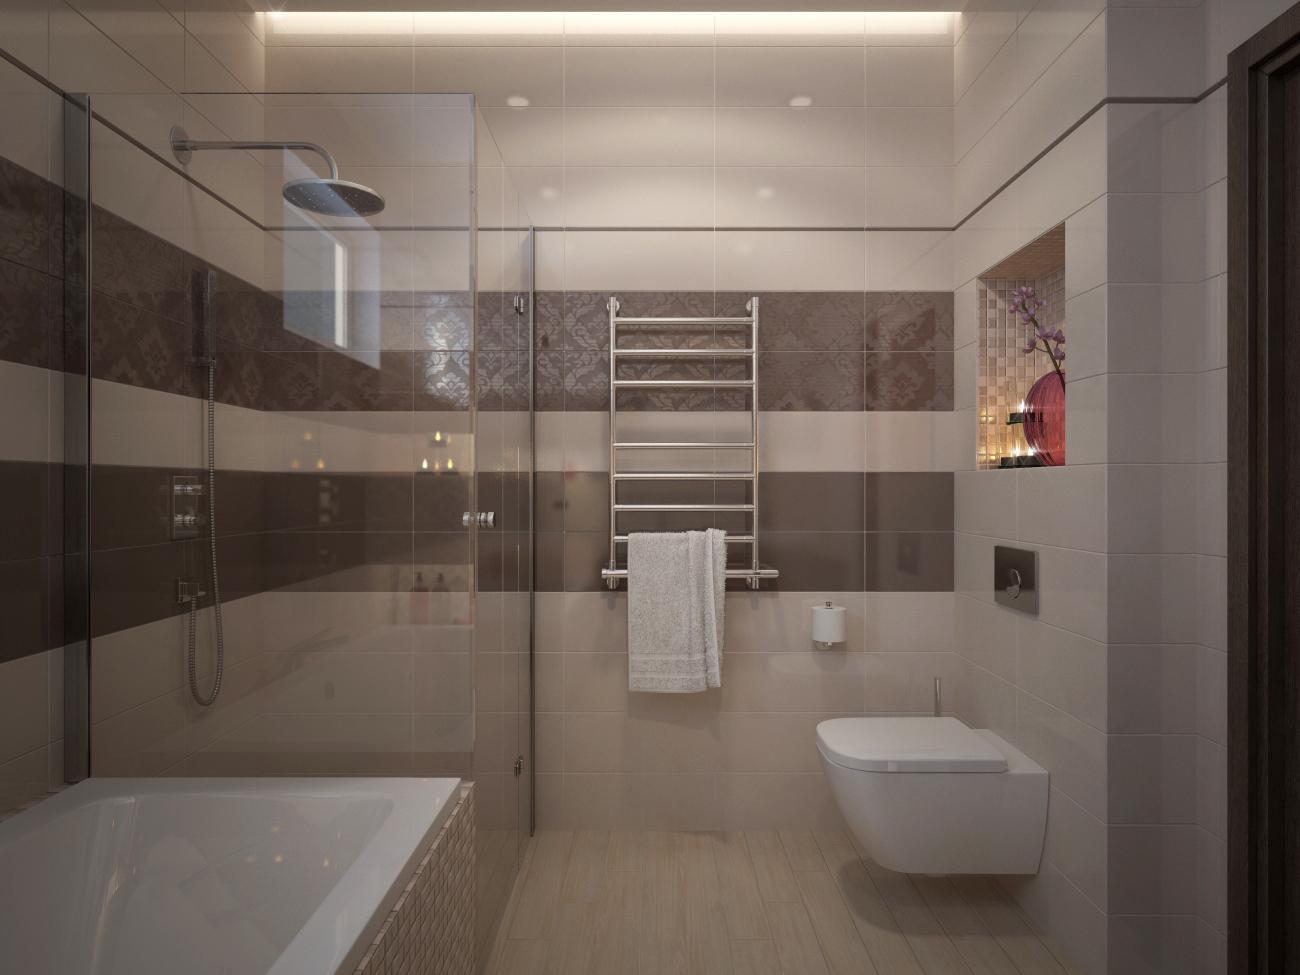 Vizualizácie kúpeľne - Akú kúpeľňu si vybrať? Vizualizácia kúpeľne - 2 farebné varianty - www.modernekupelne.sk/navrhy-kupelni